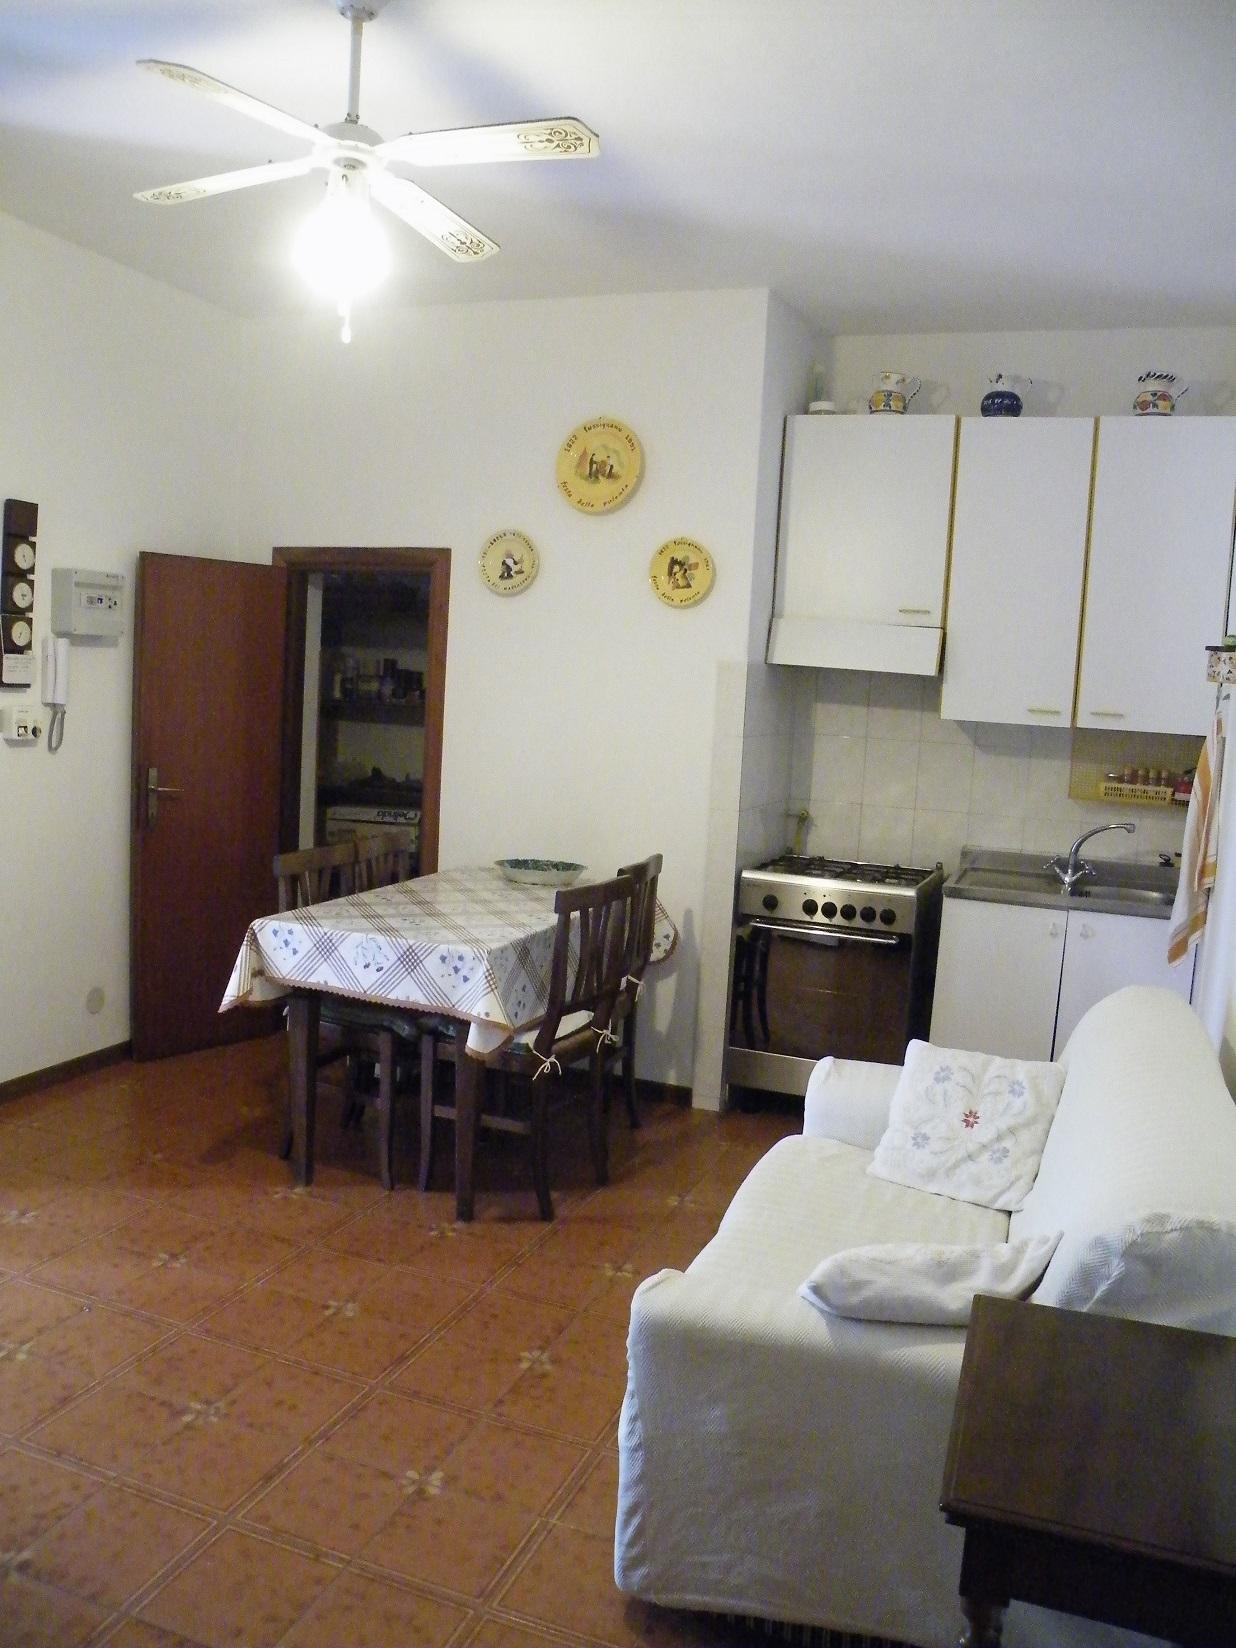 soggiorno pranzo | Agenzia immobiliare Etrusca